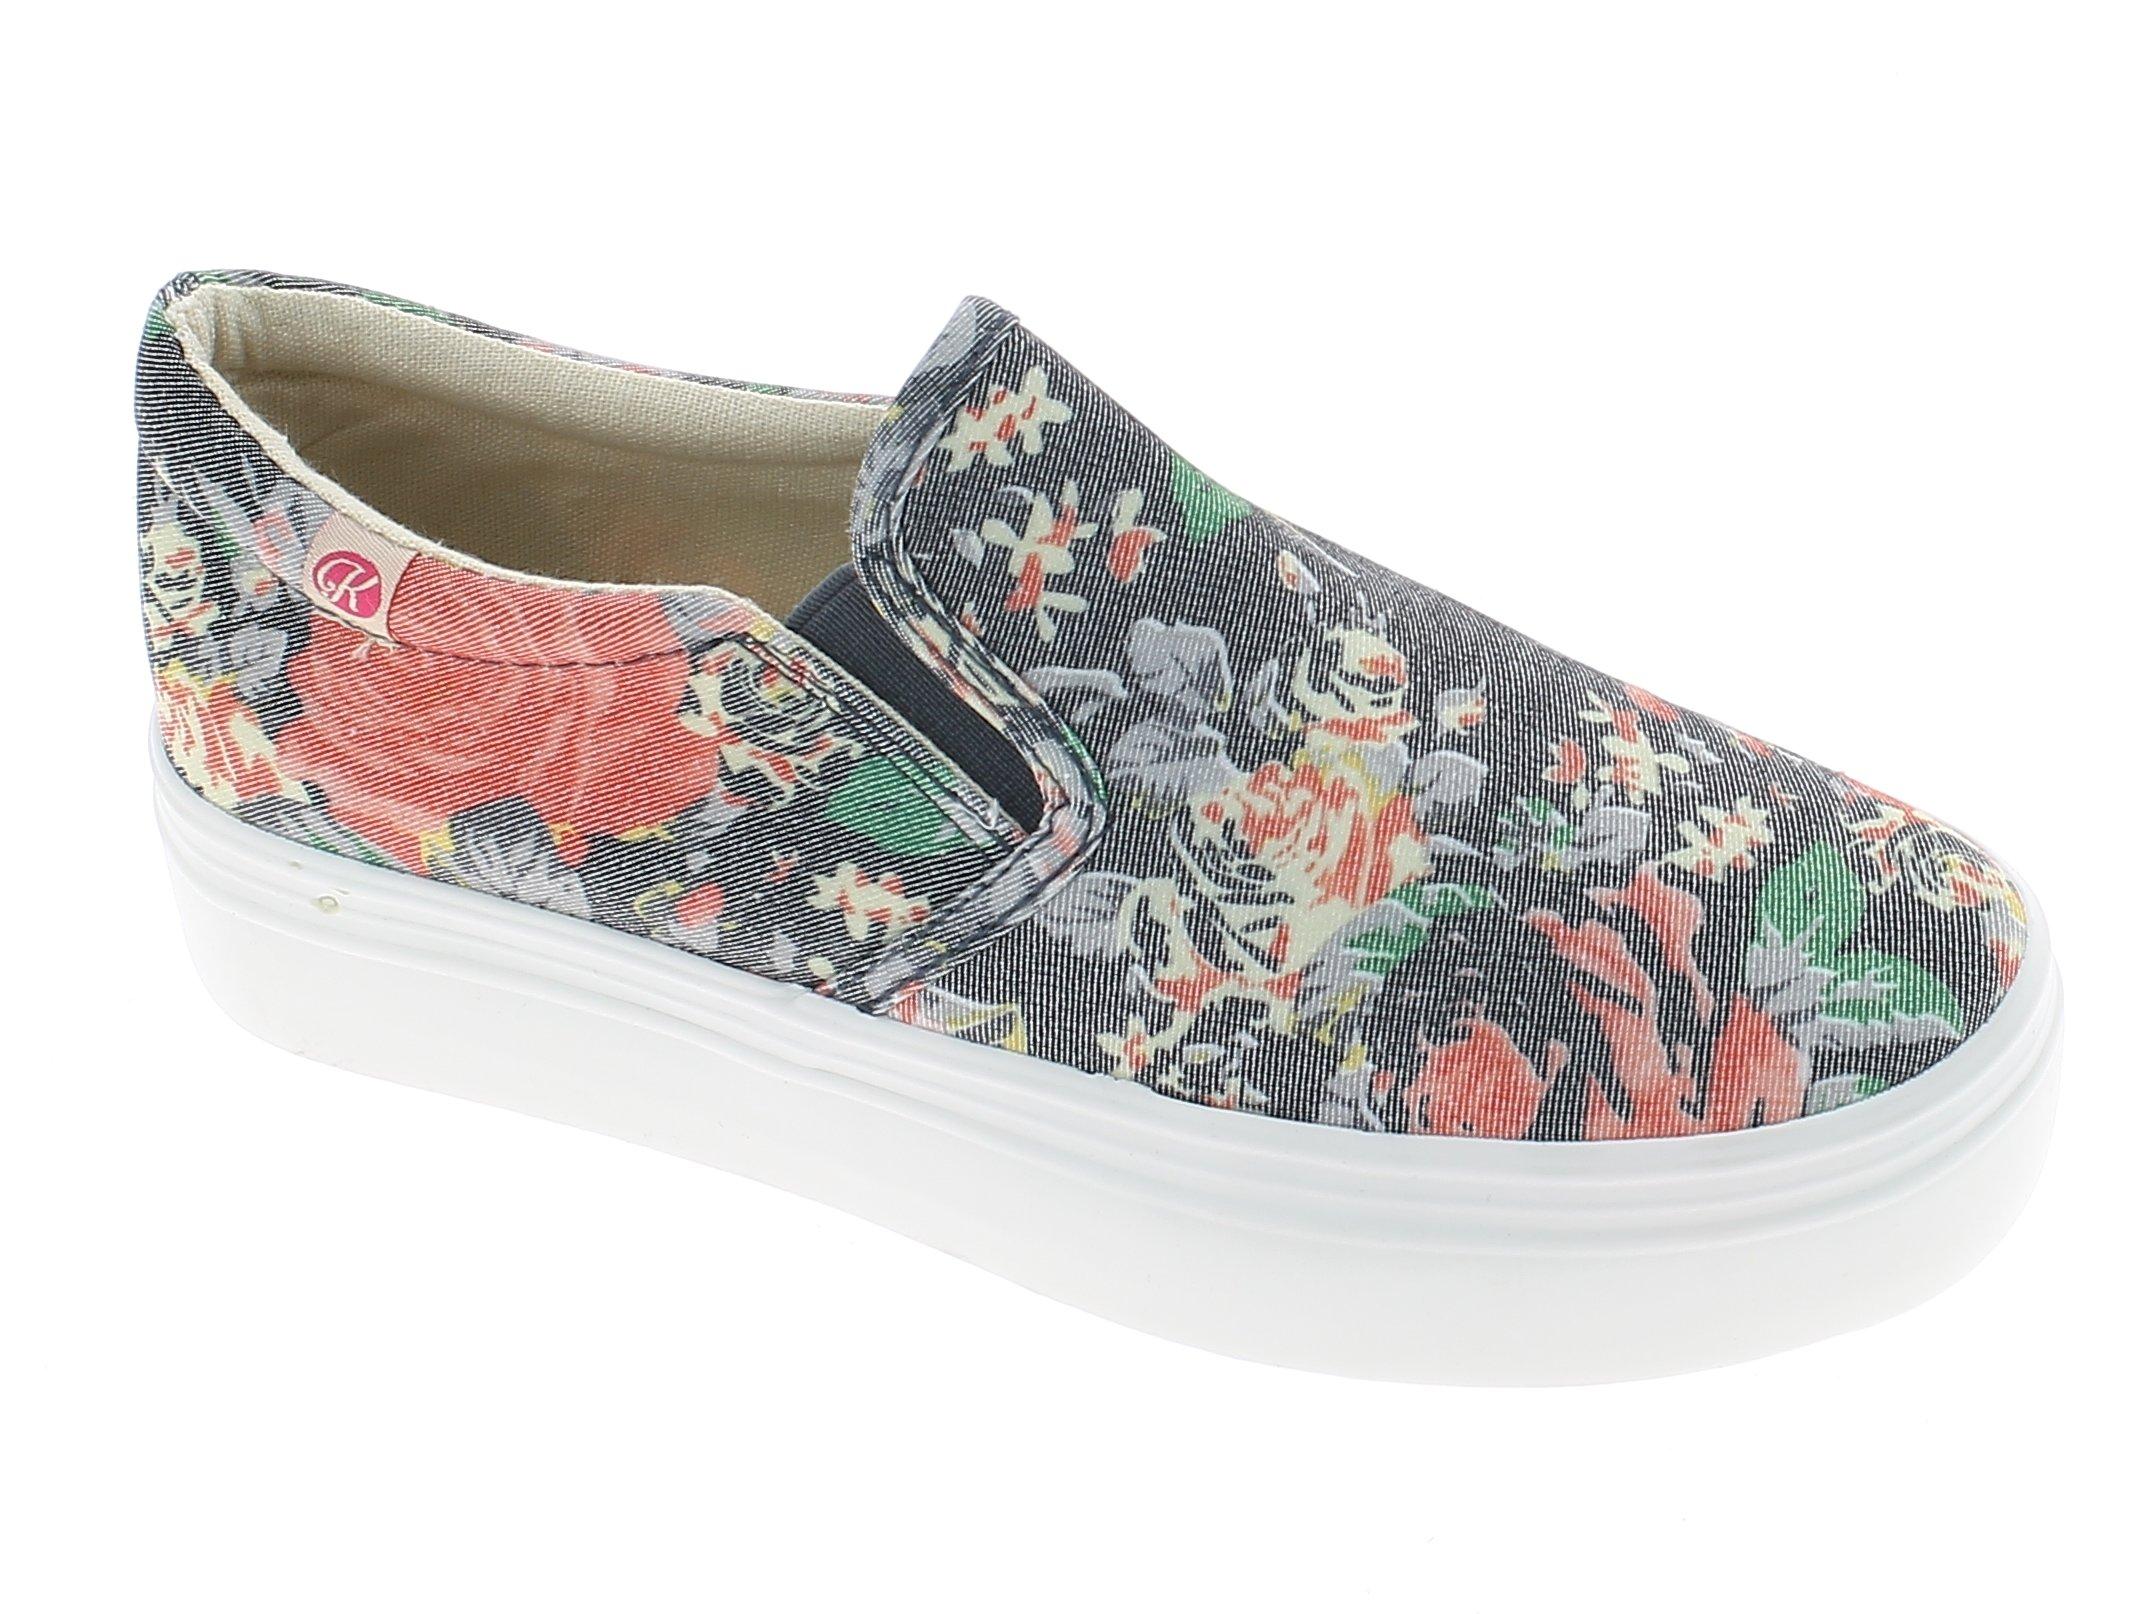 IQSHOES Γυναικείο Casual 1520003 Γκρί - IqShoes - 1520003 FLOWERS red 38/1/3/11 προϊόντα παπούτσια